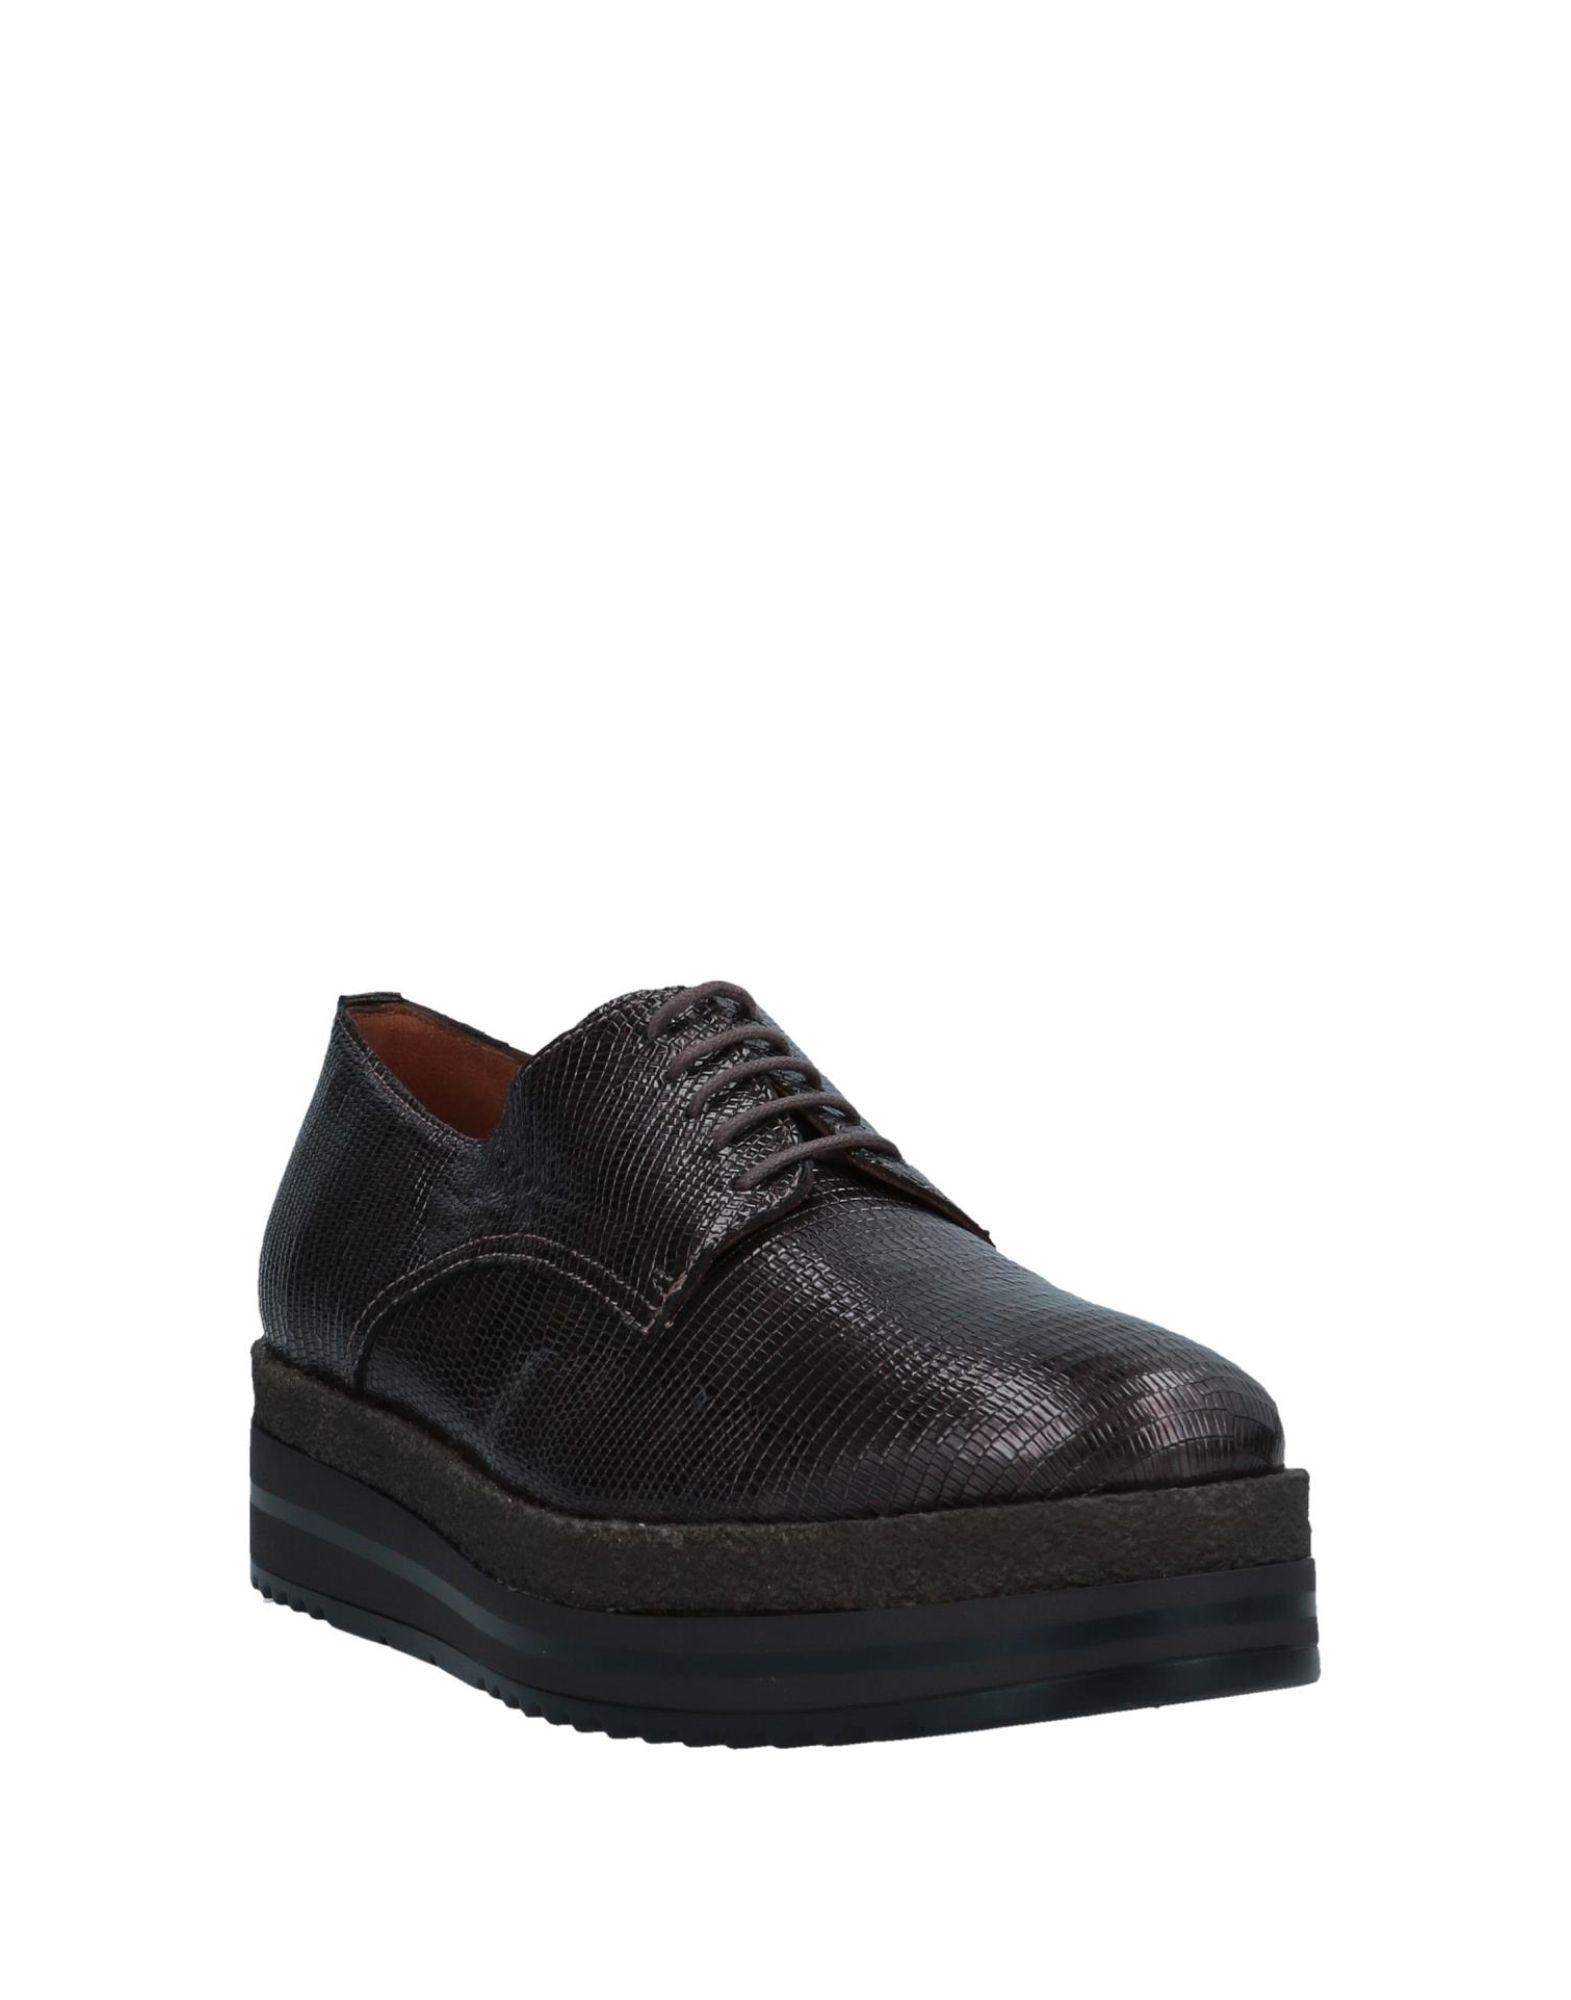 Gut um Quintana billige Schuhe zu tragenPons Quintana um Schnürschuhe Damen  11556034UV 68b104